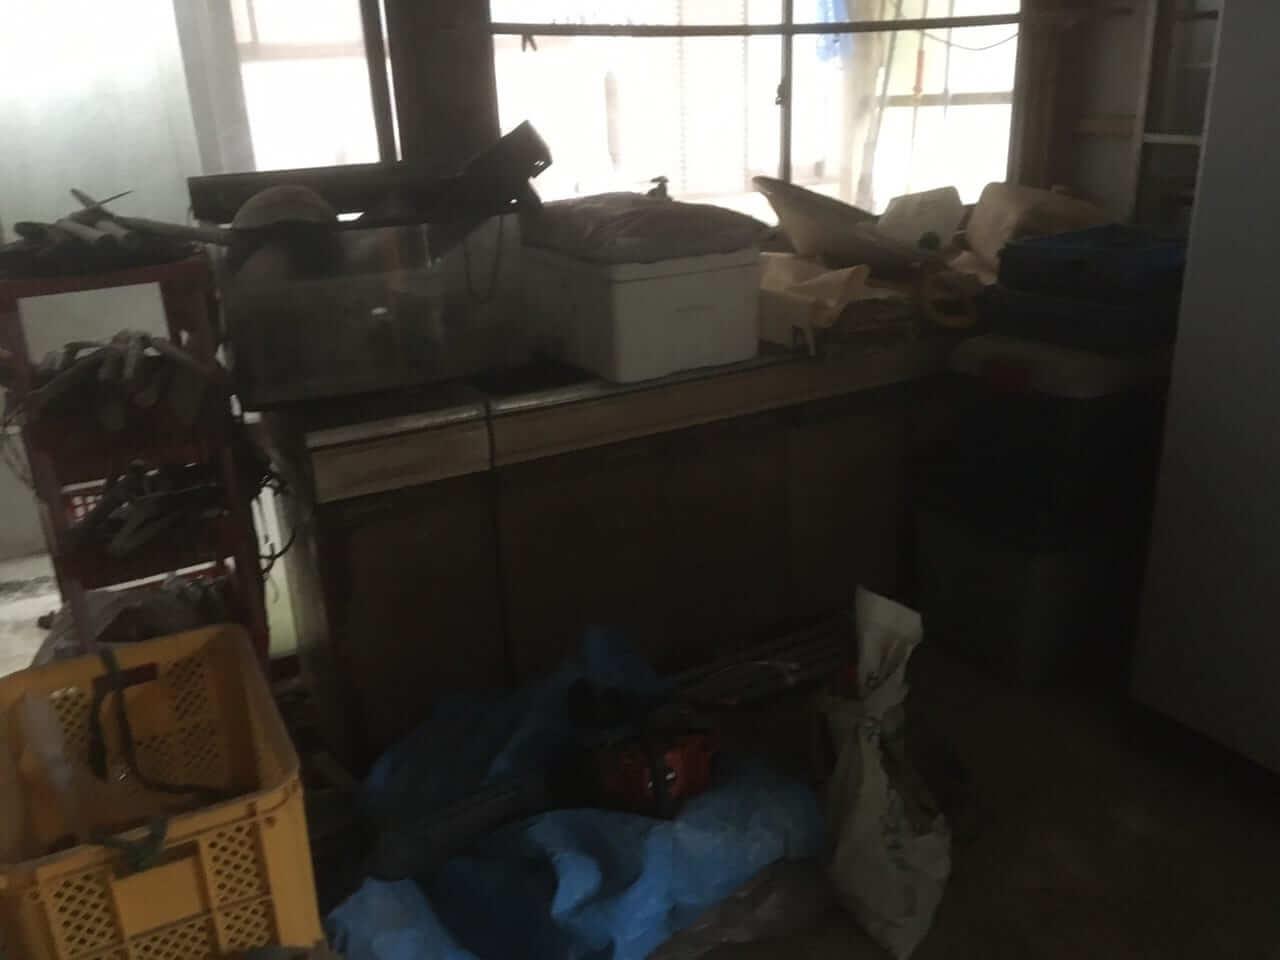 鹿児島県日置市周辺不用品回収前画像